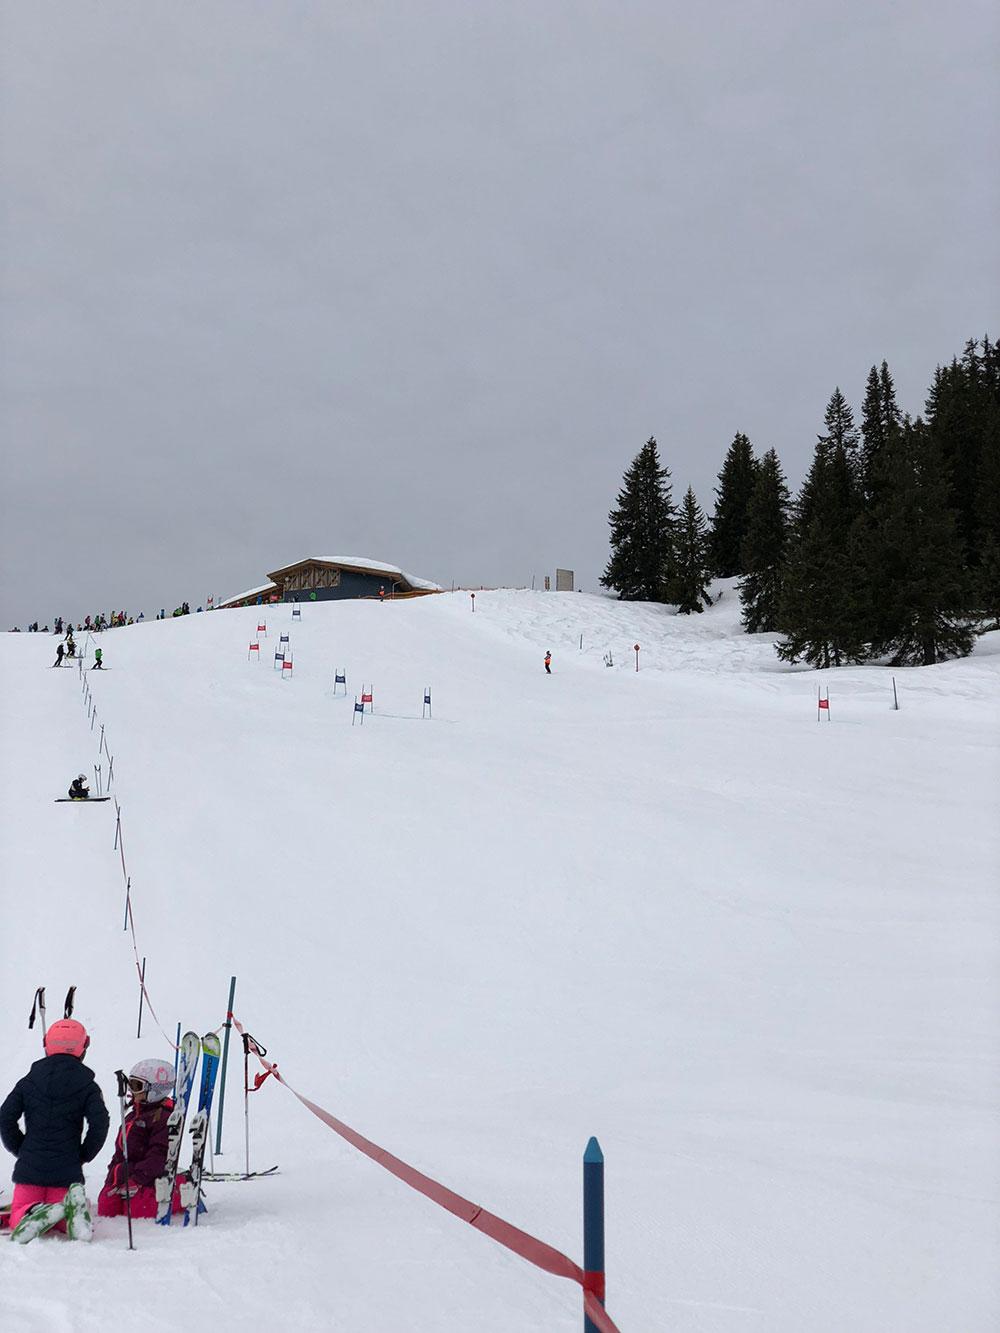 Kinder Bezirkscup Skicross Westendorf 2018 - Slalomabschnitt